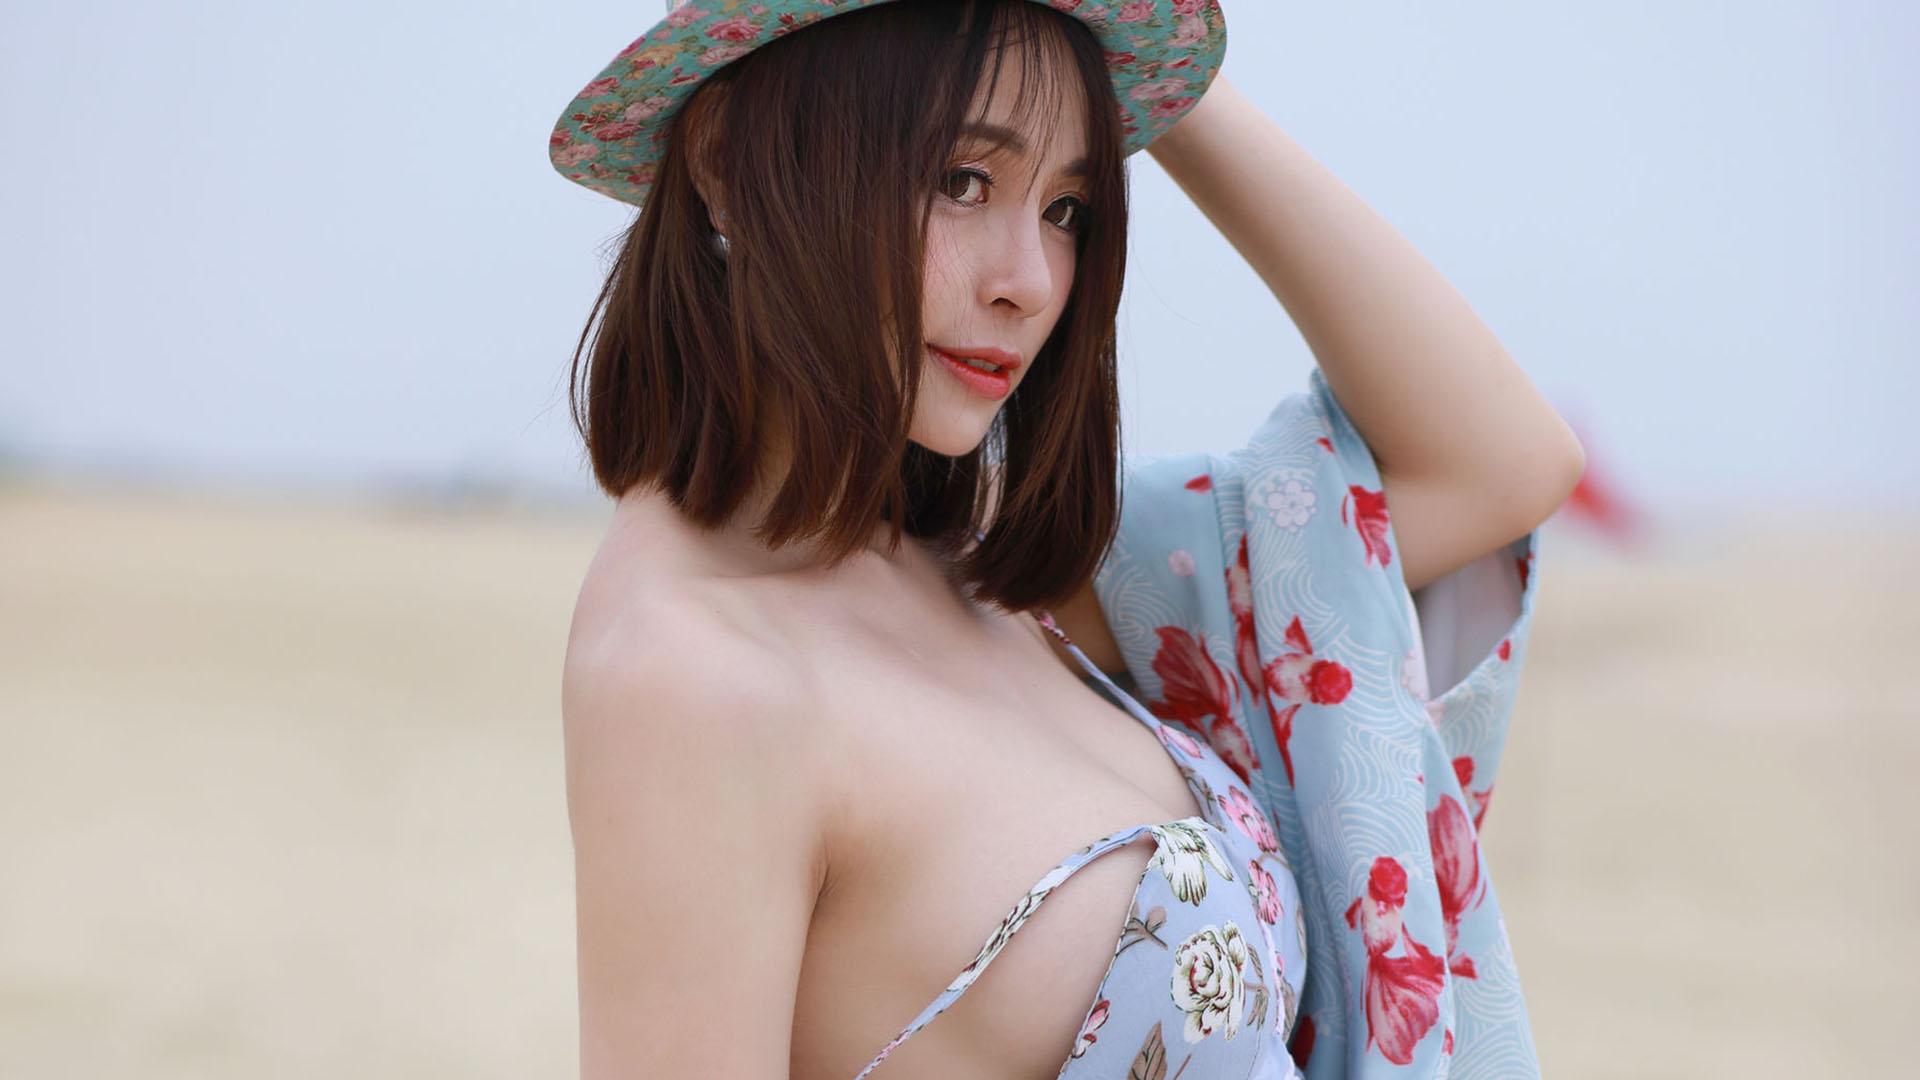 白嫩巨乳美女诱惑沙滩爆乳大胸写真桌面壁纸